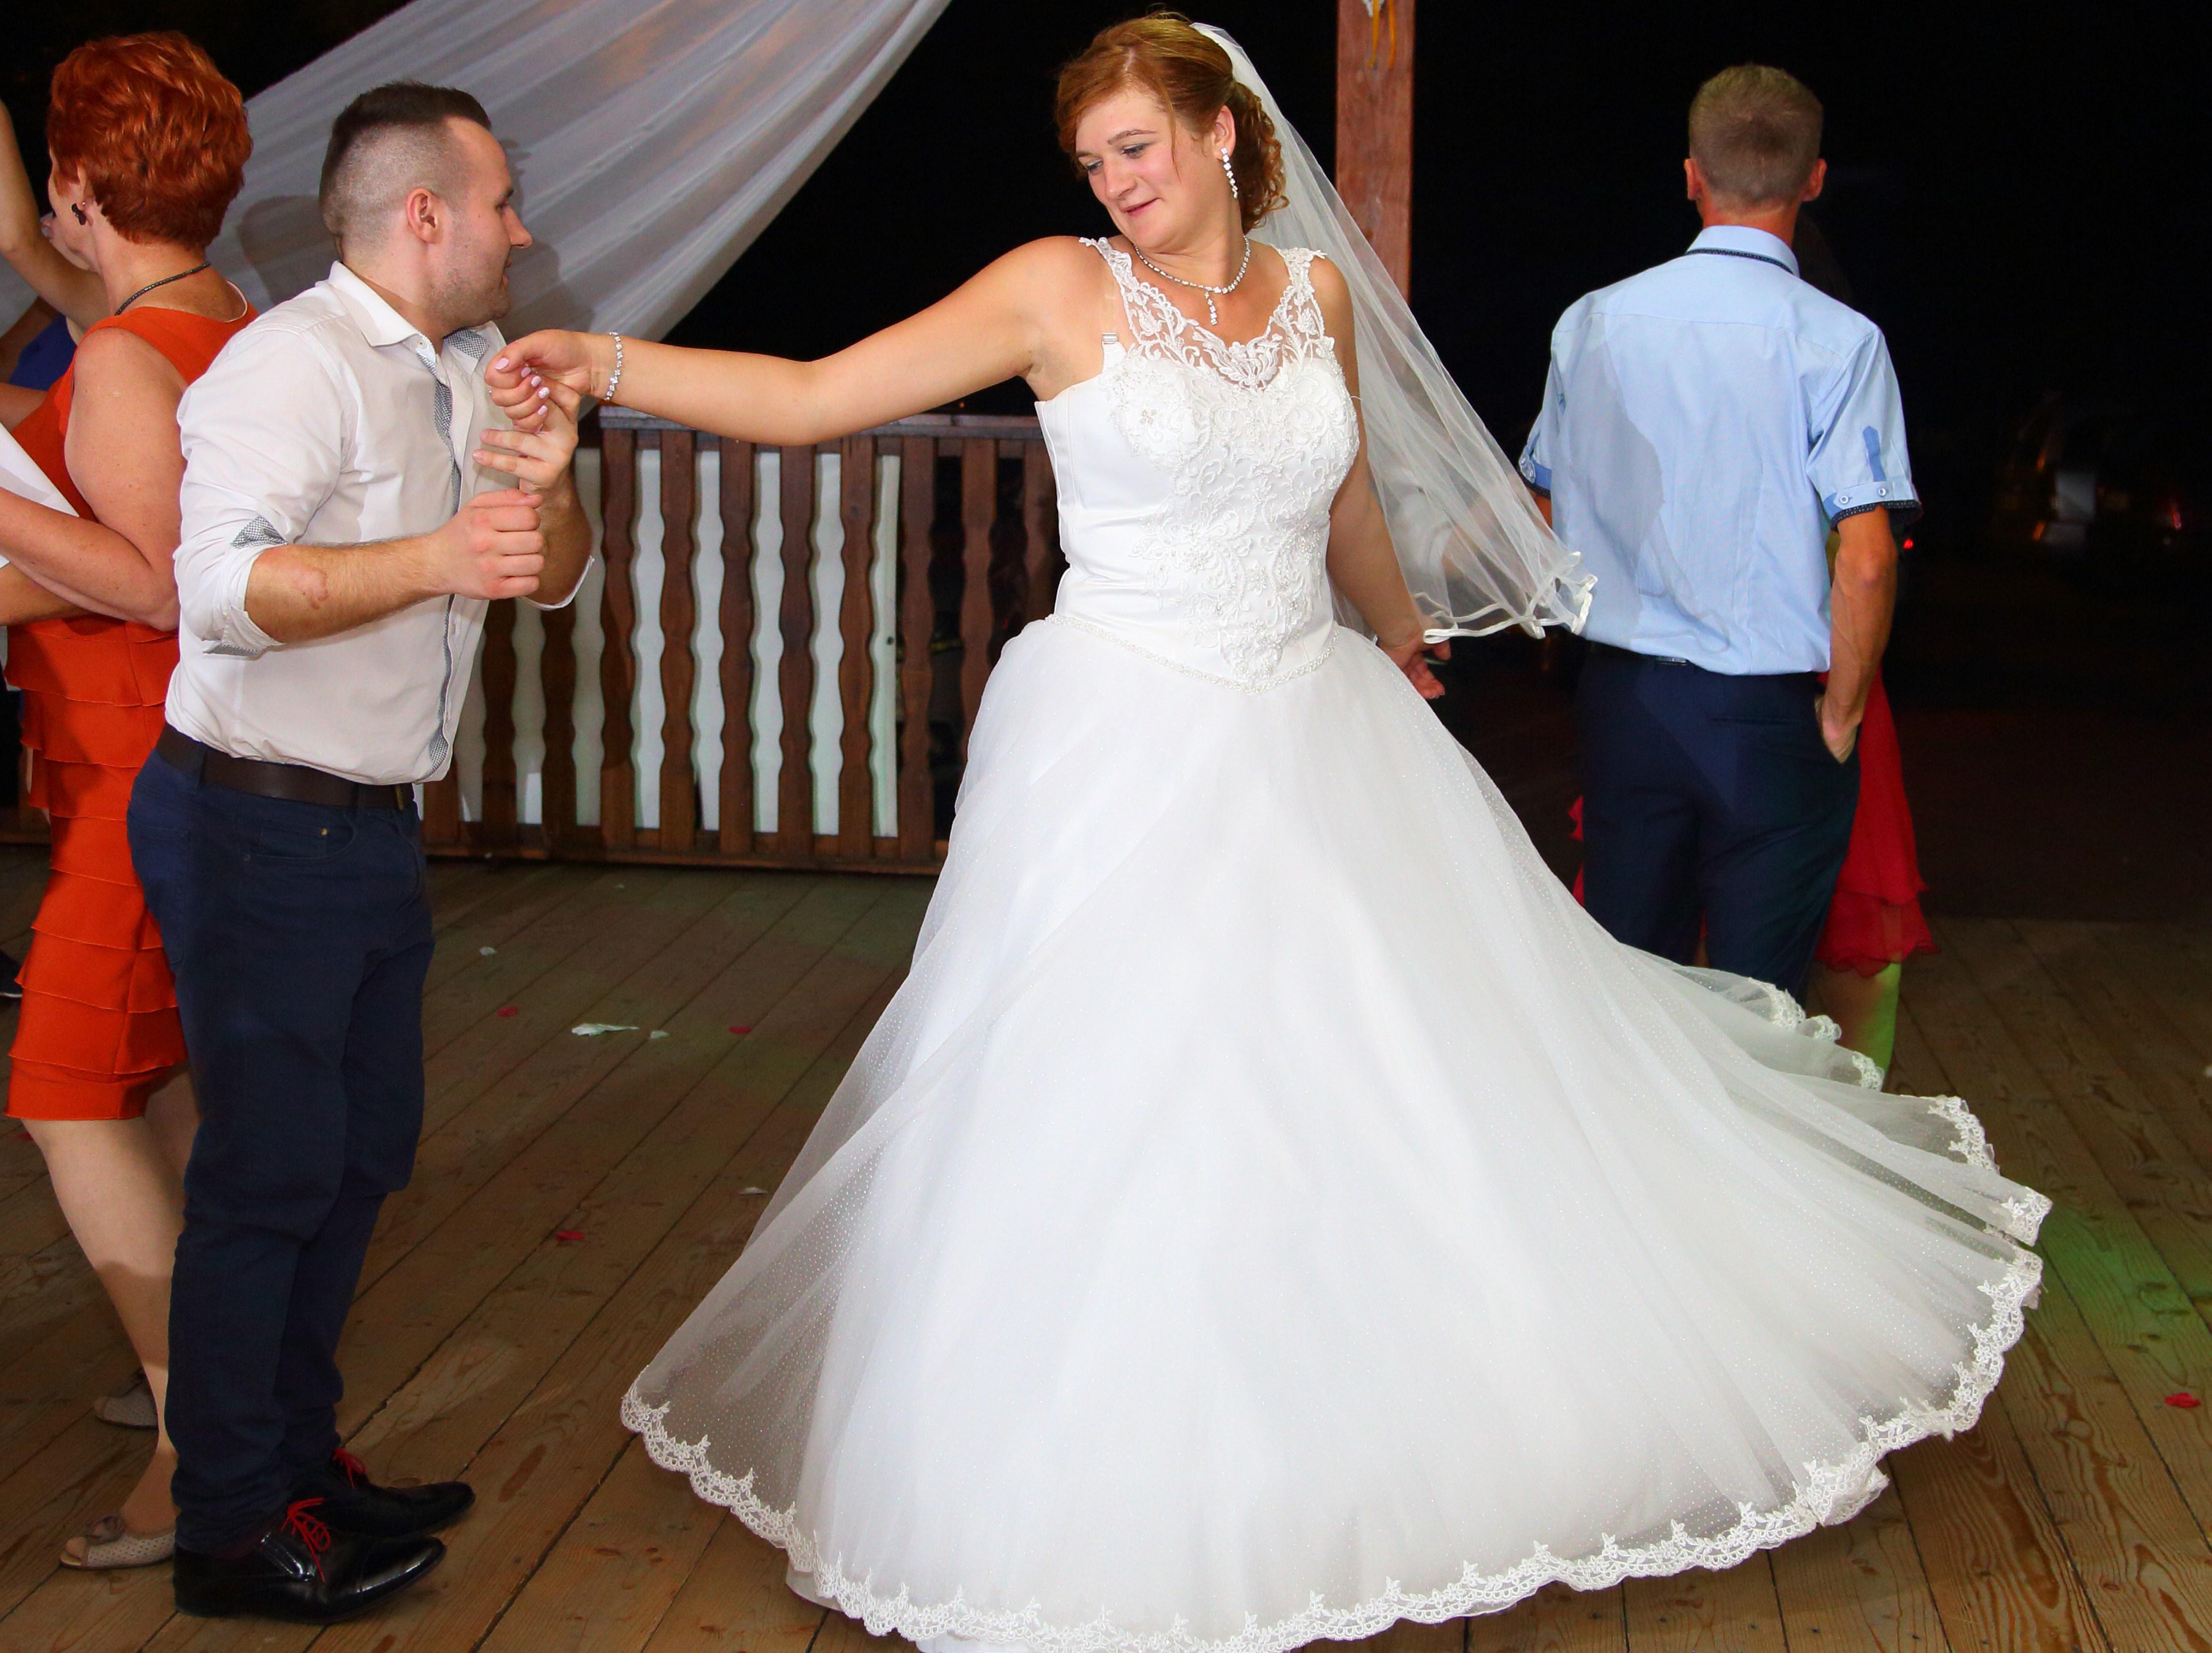 b2658fa551 Suknia ślubna Sprzedam śliczną suknie ślubną kolor  biała rozmiar  44-46